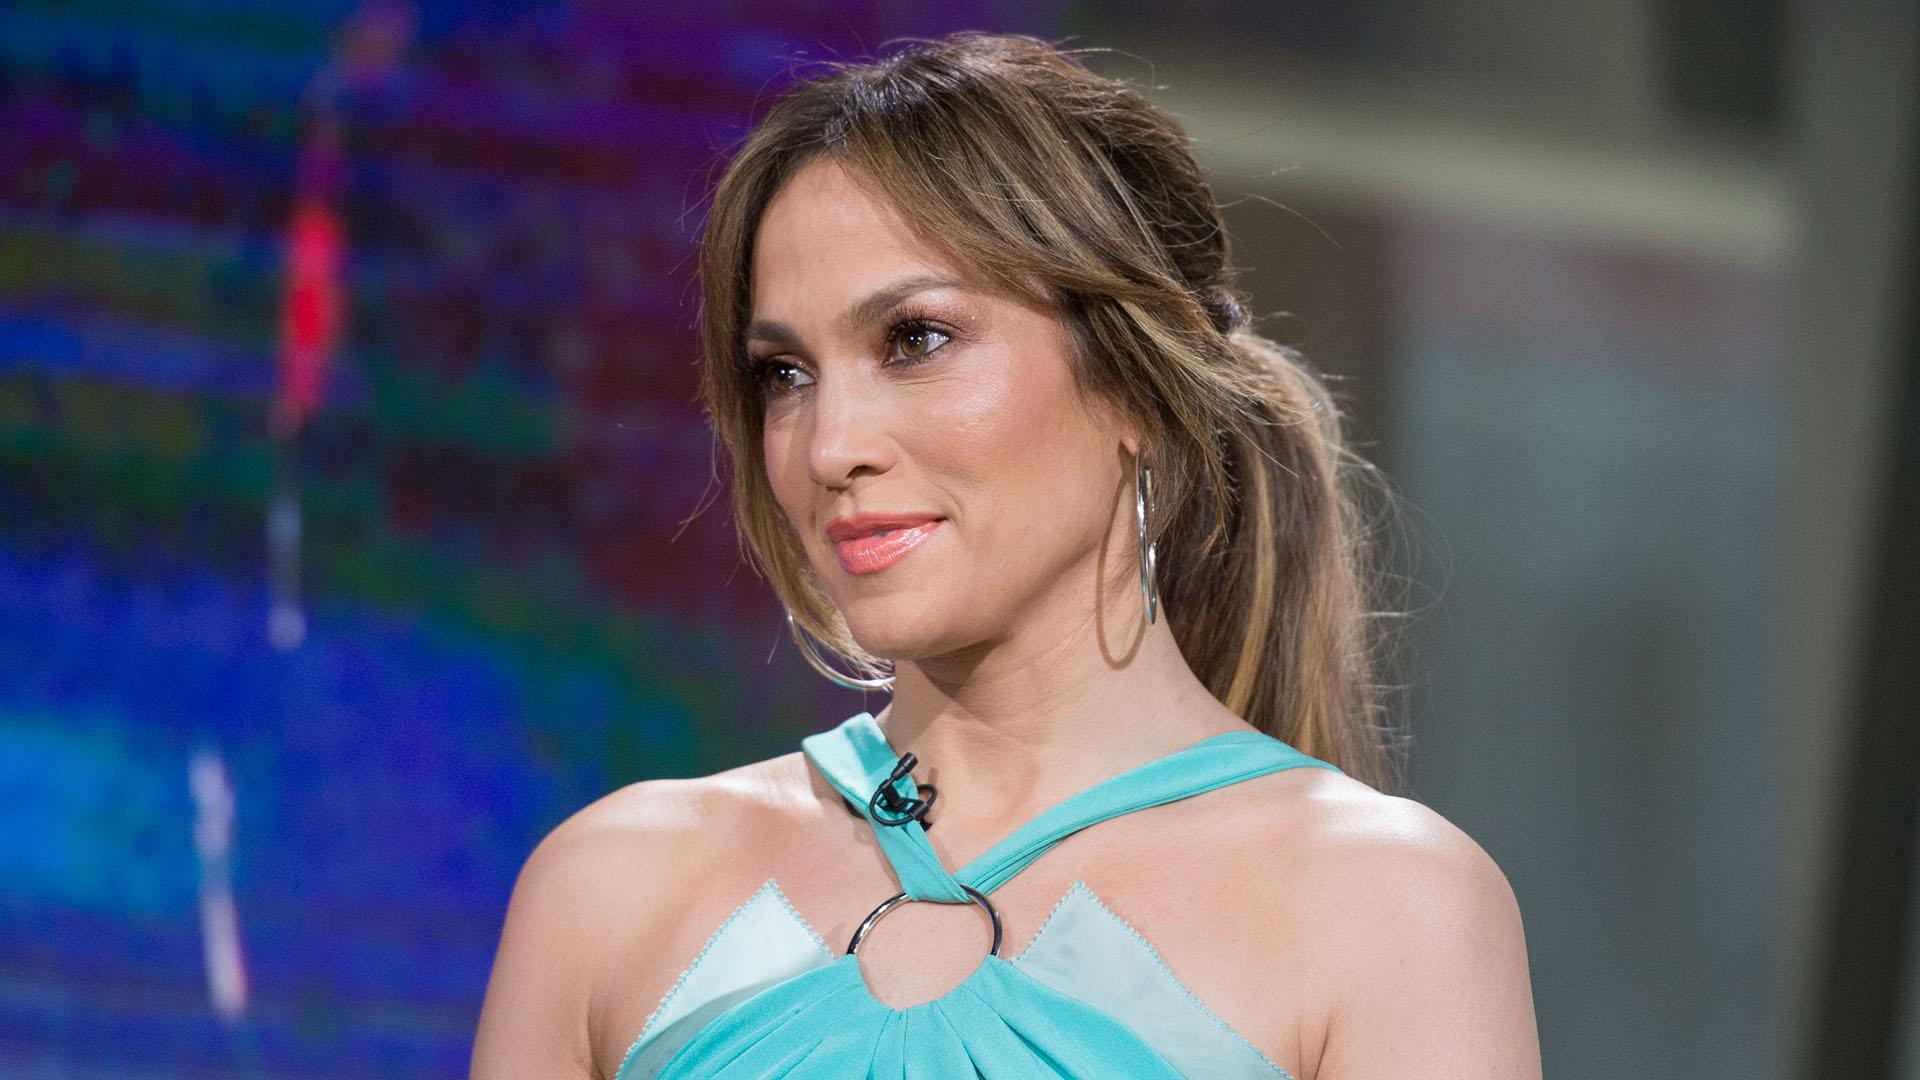 Jennifer Lopez: Jennifer Lopez Gets Honest About Motherhood: 'I Almost